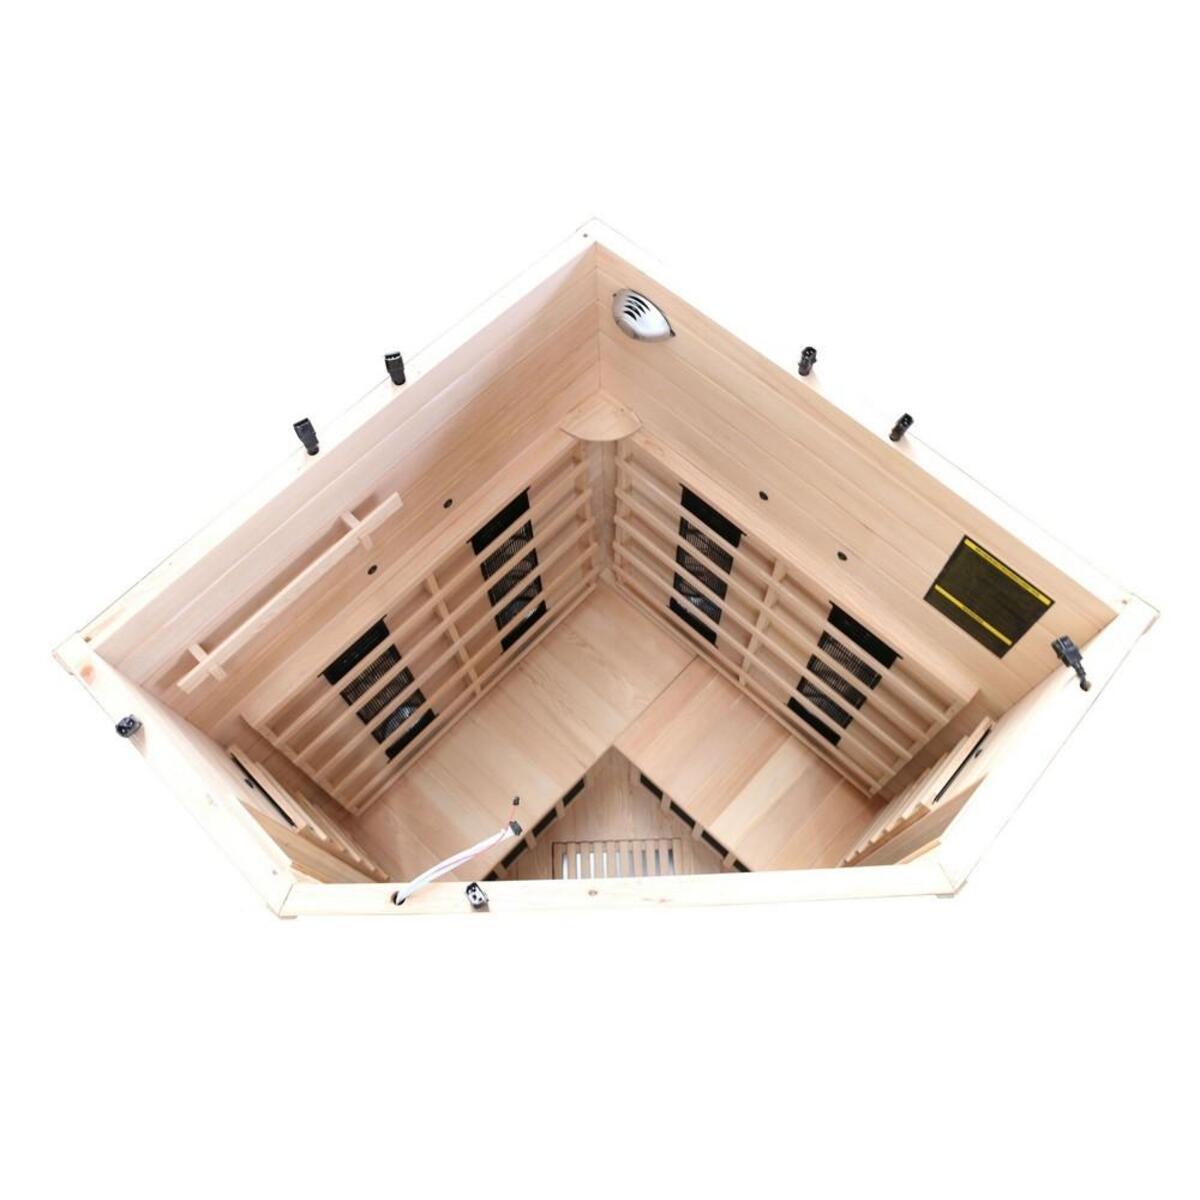 Bild 4 von Dewello Infrarotkabine LAKEFIELD 3 Dual-Therm